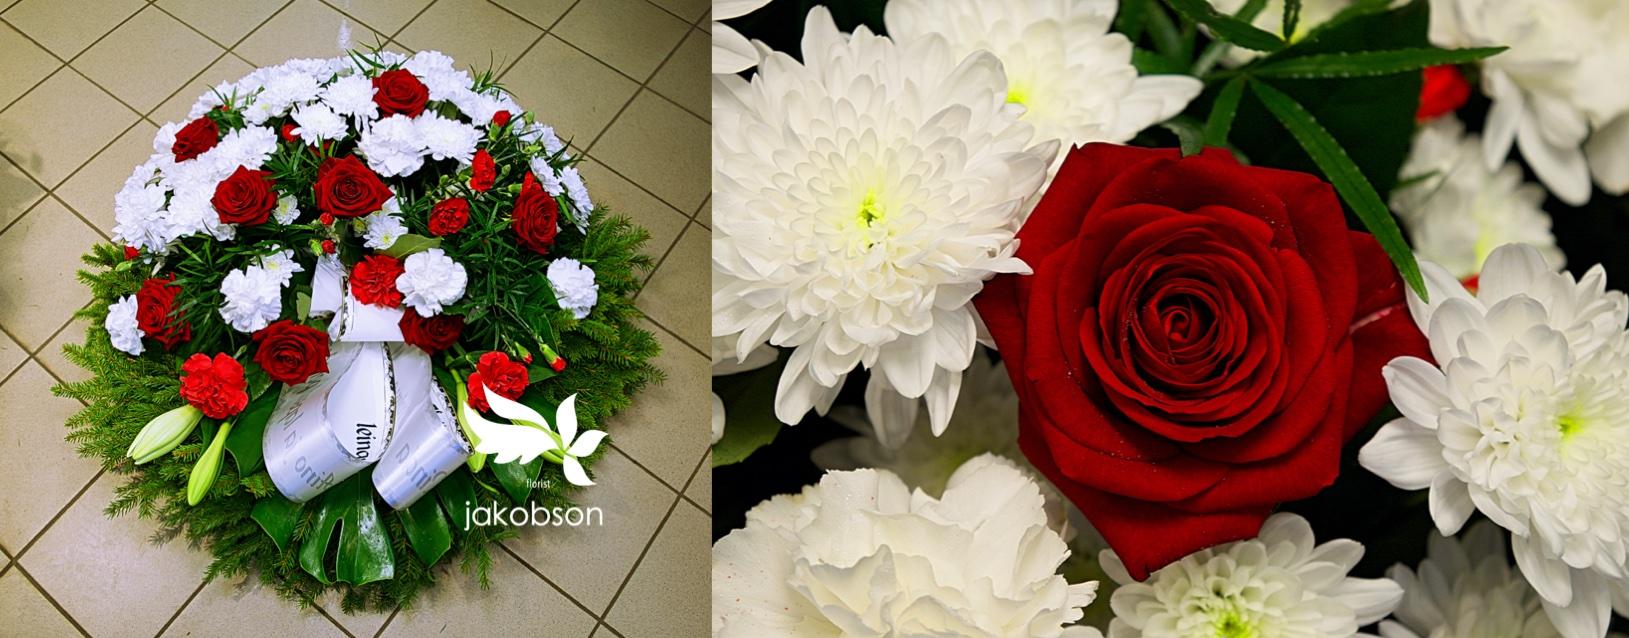 matusepärg 1 - Matusepärjad kuuseokstega